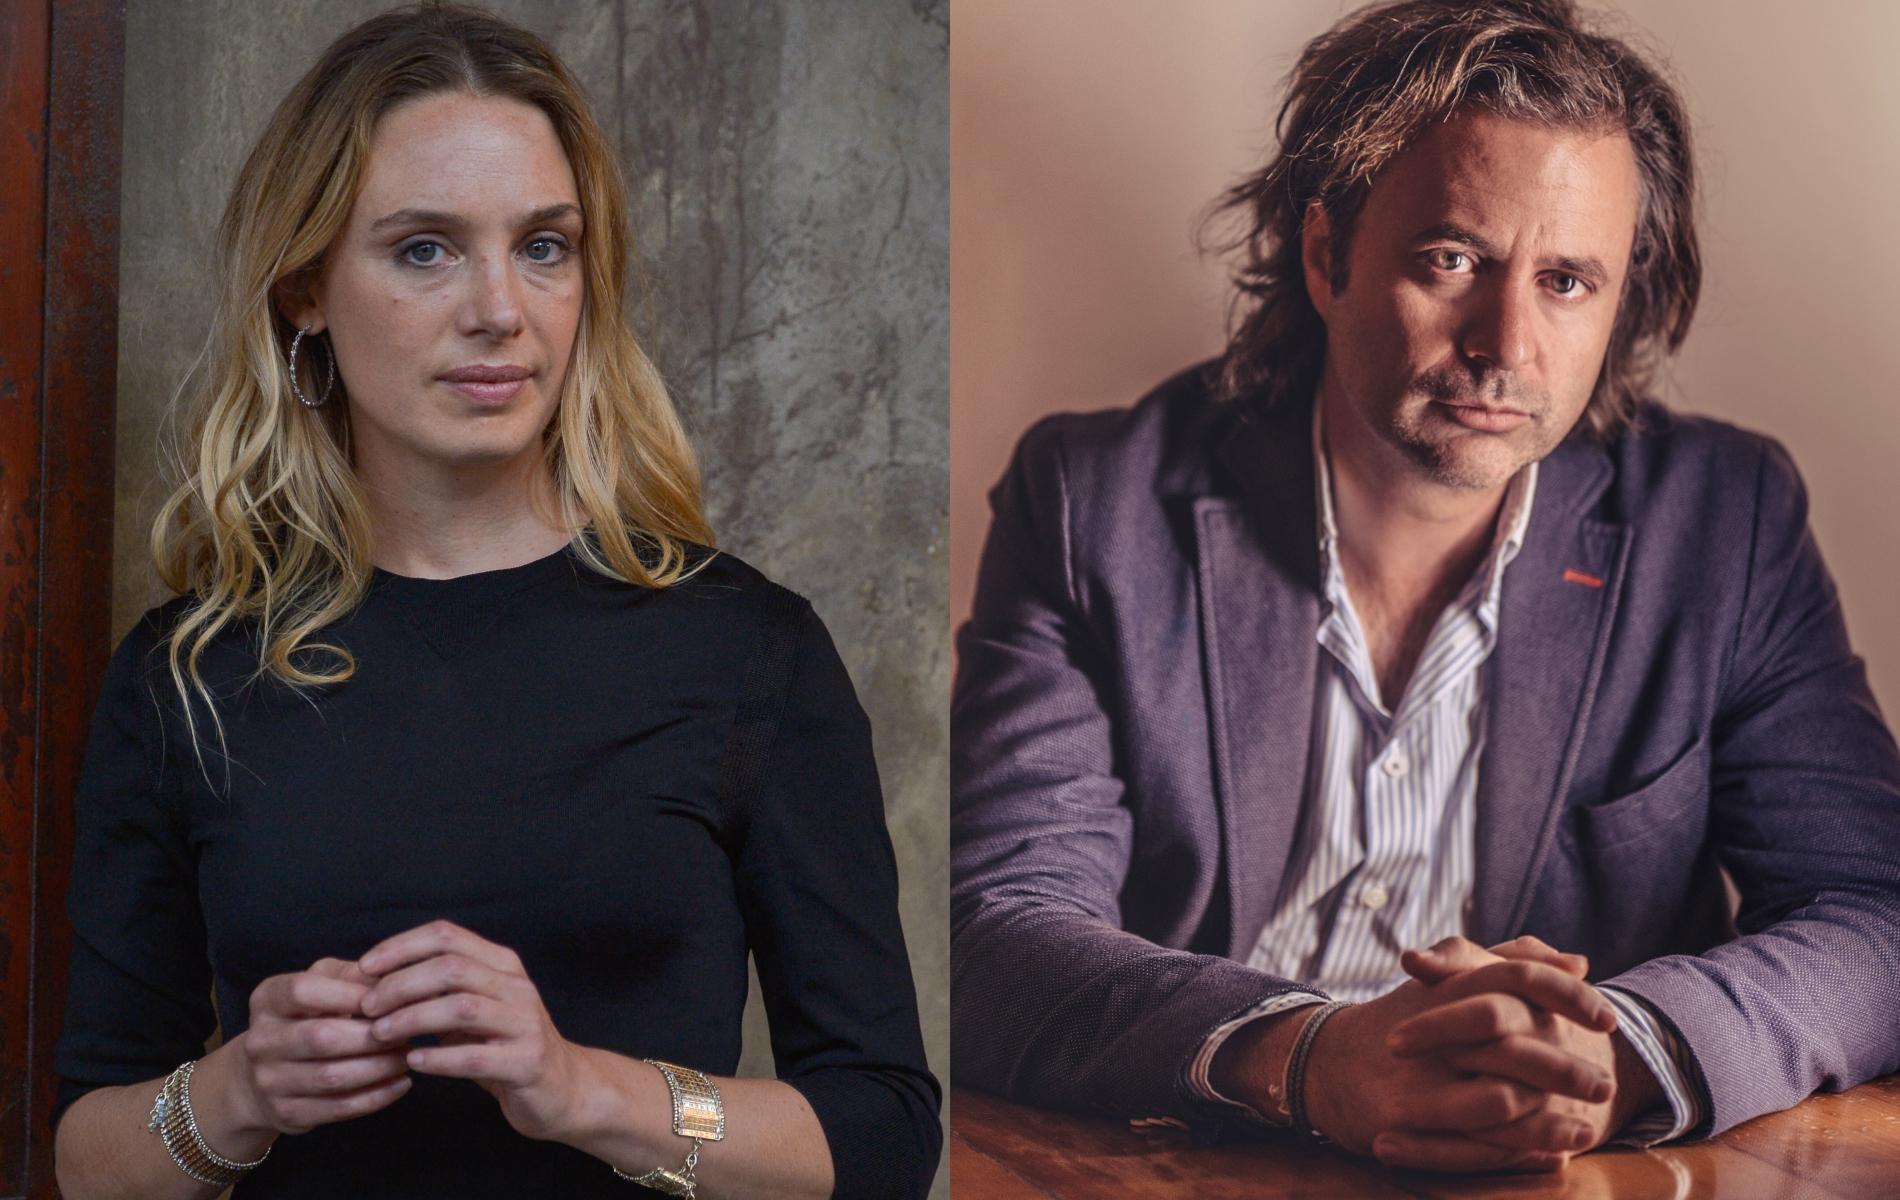 Laetitia Dosch Et Charles Pepin Les Vraies Rencontres N Auront Pas Lieu Sur Instagram Ni A Travers Zoom Madame Figaro